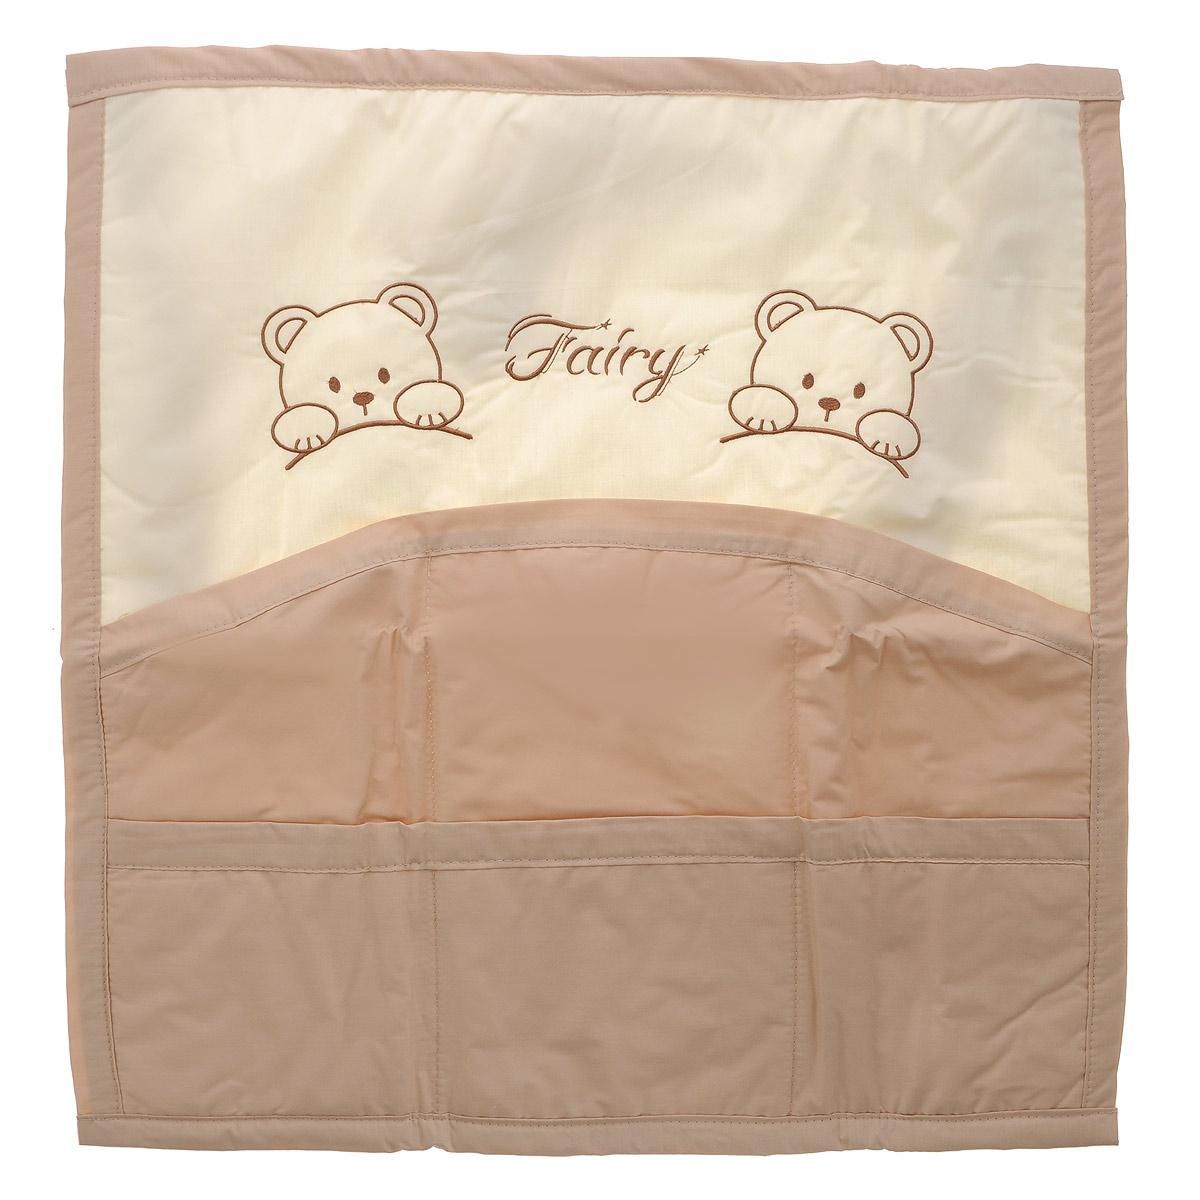 Карман на кроватку Fairy Мишки, цвет: молочный, бежевый, 59 см х 60 см5645Карман на кроватку Fairy Мишки изготовлен из натурального 100% хлопка с наполнителем из полиэстера. Изделие оборудовано шестью вместительными кармашками и предназначено для хранения самых необходимых вещей малыша (игрушки, соски, бутылочки, подгузников или пеленки) и создания благоприятного эмоционального фона детской комнаты. С помощью текстильных веревочек, карман можно привязывать к спинке кроватки, как с внешней, так и с внутренней стороны. Общий размер изделия: 59 см х 60 см. Средний размер кармашков: 17 см х 18 см.